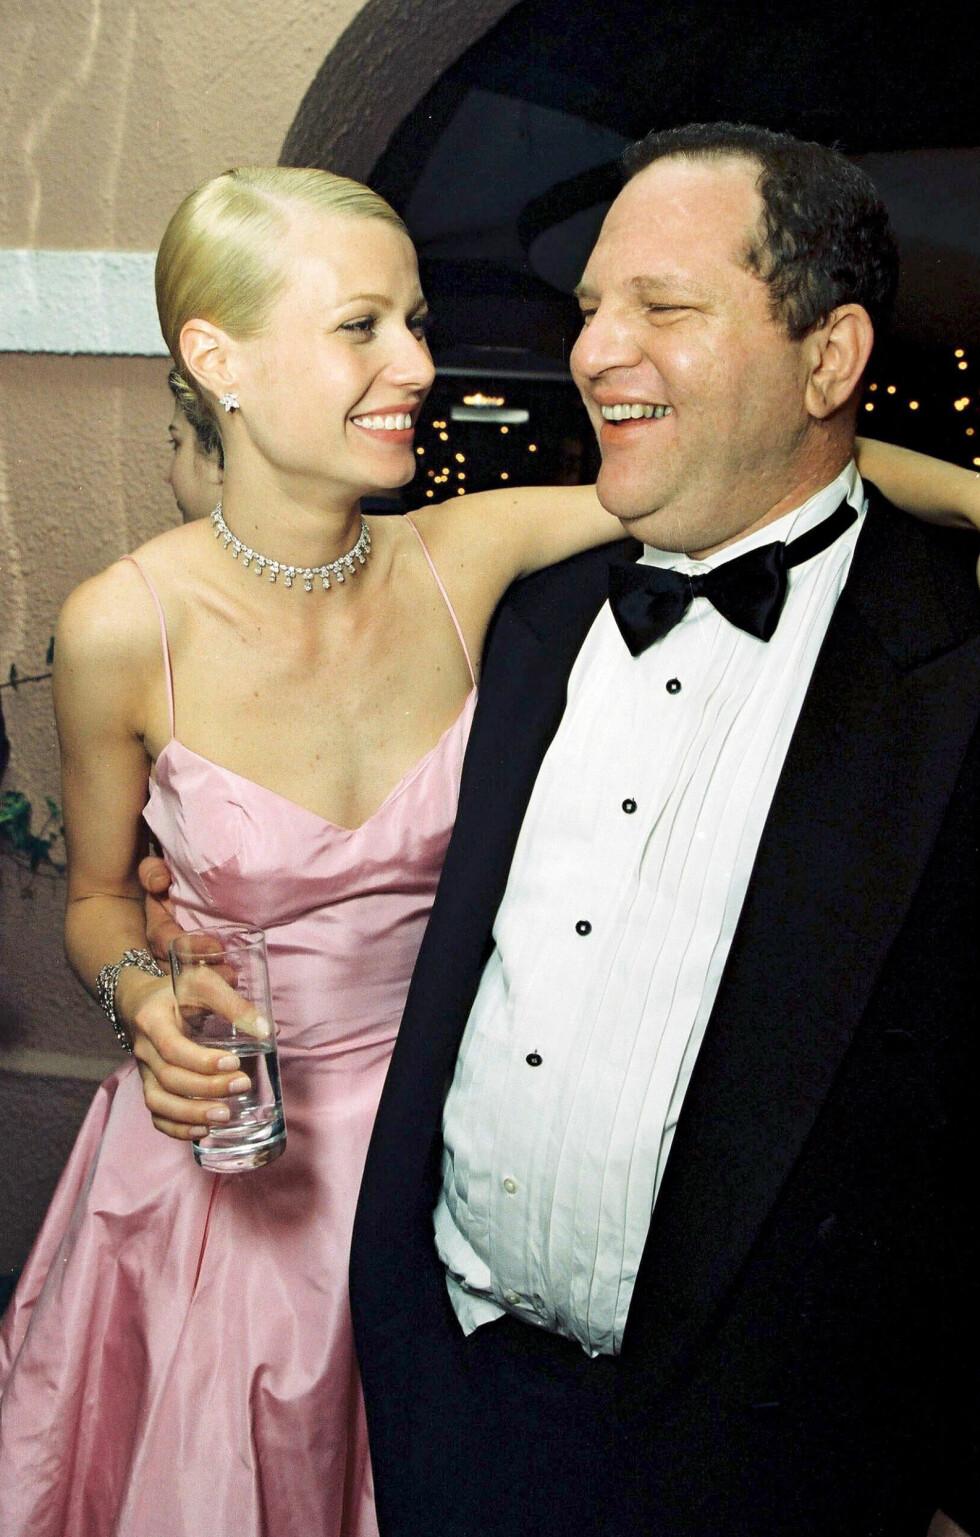 FALSKE SMIL: Bak fasaden skjulte det seg vonde opplevelser forklarer Gwyneth Paltrow til The New York Times. Dette bildet er tatt på Oscar-etterfesten i 1999. Foto: NTB Scanpix